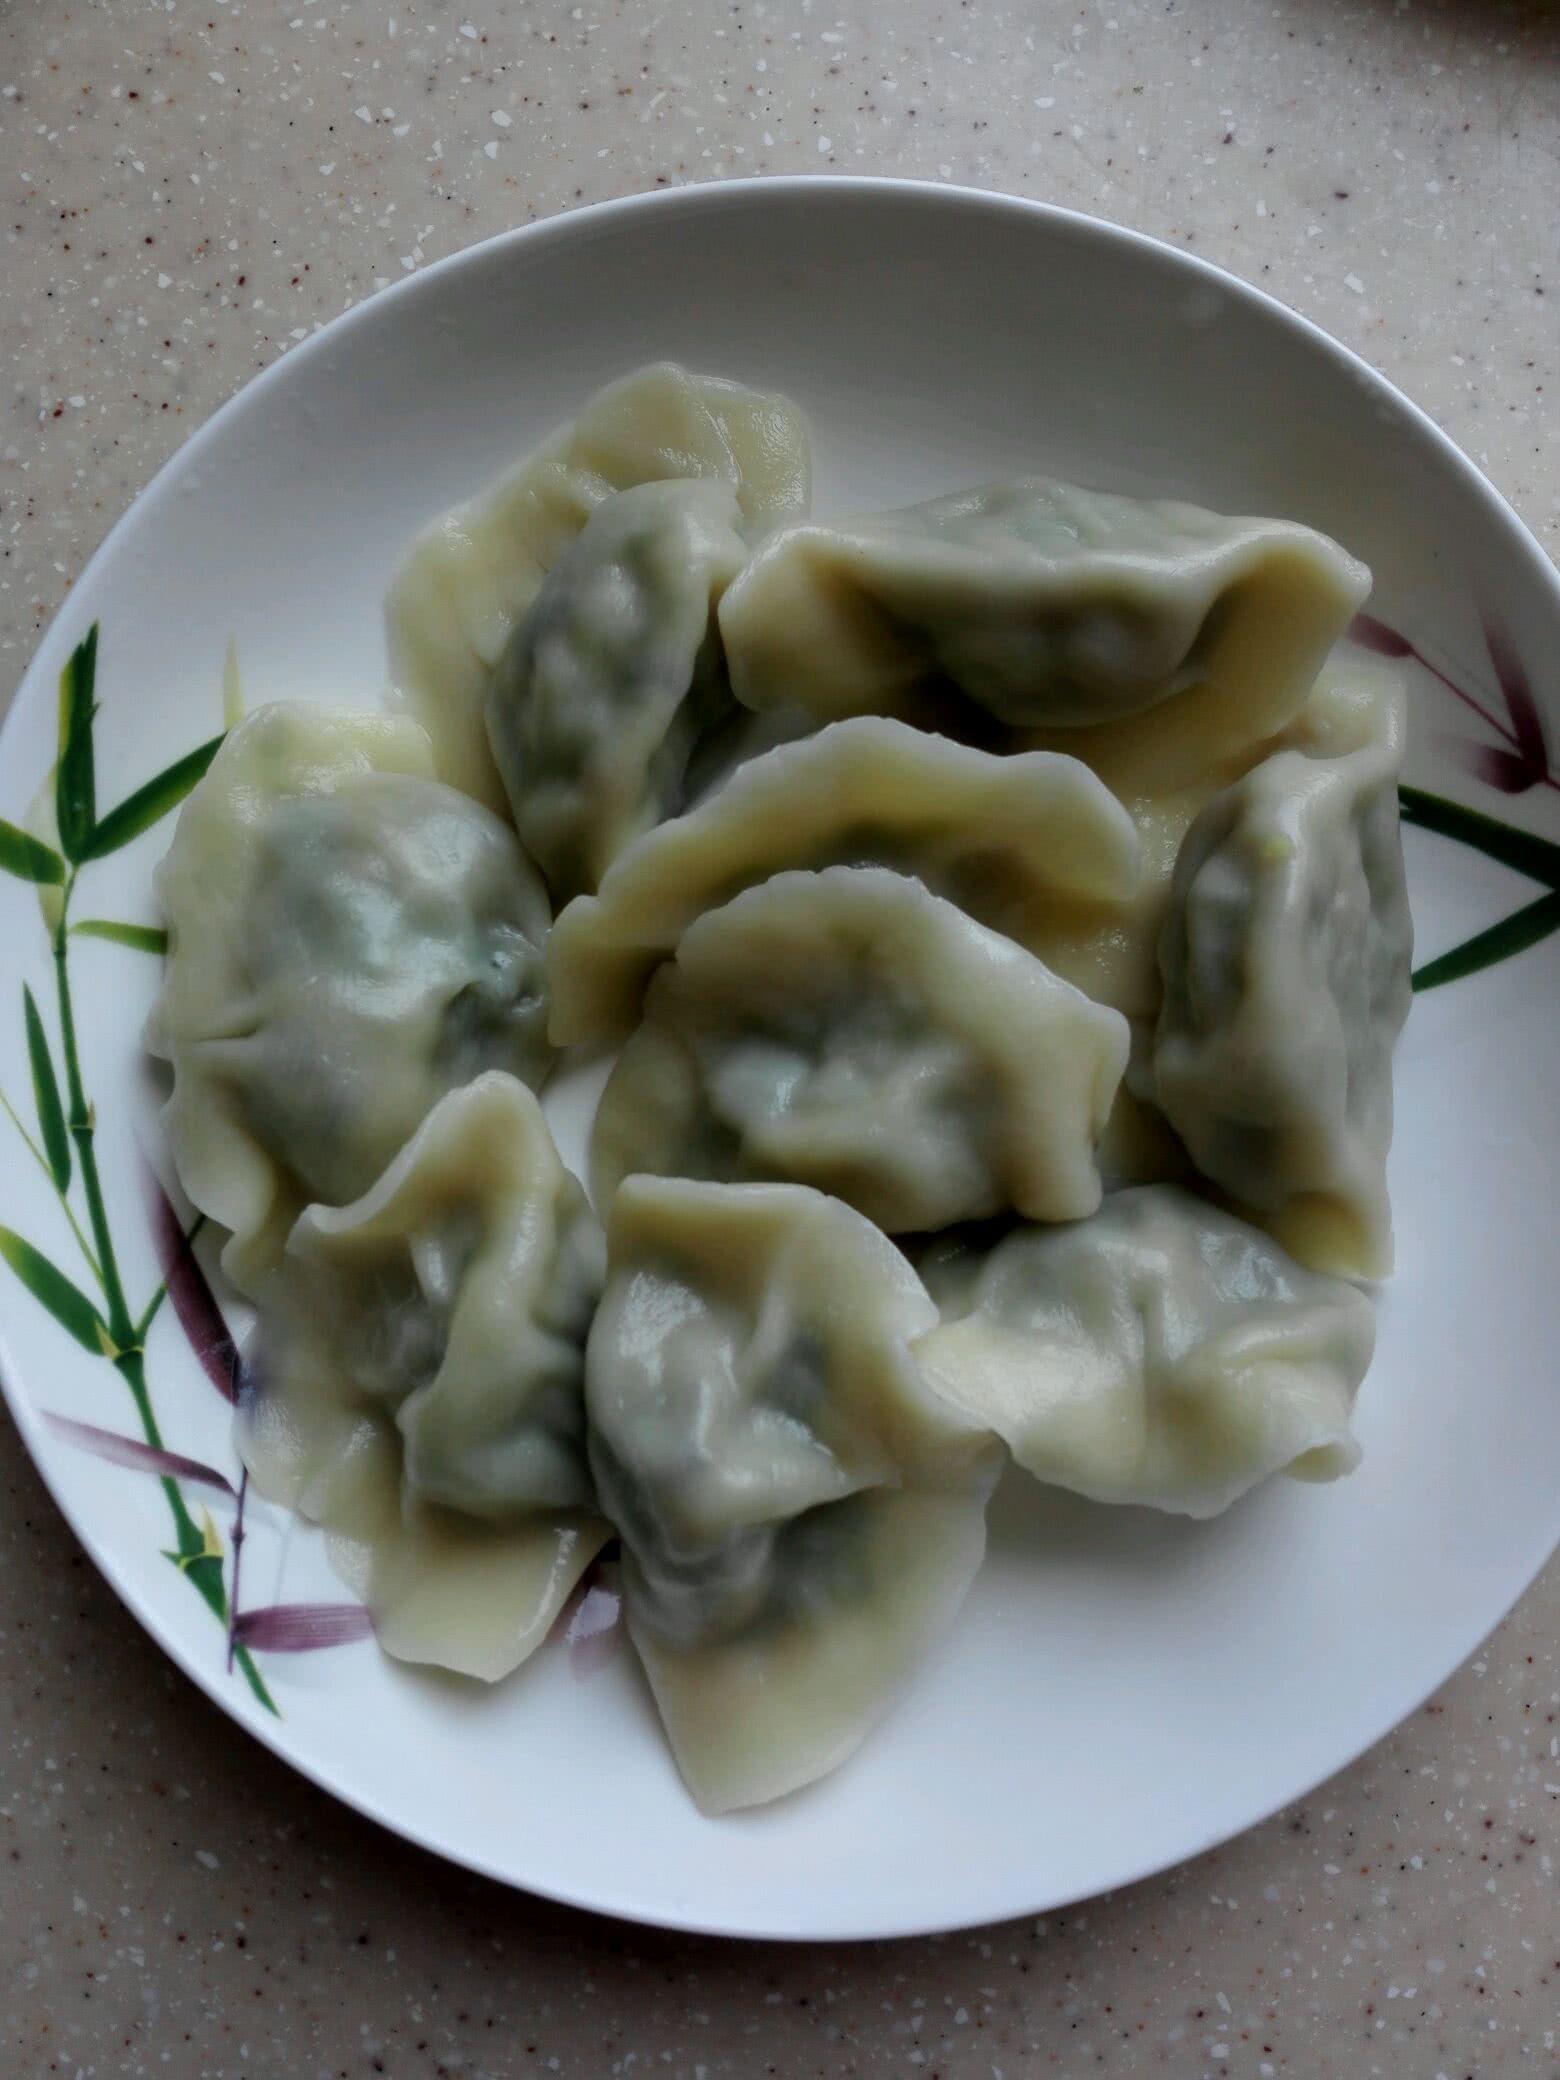 青椒饺子的做法_【图解】青椒饺子怎么做如何做好吃